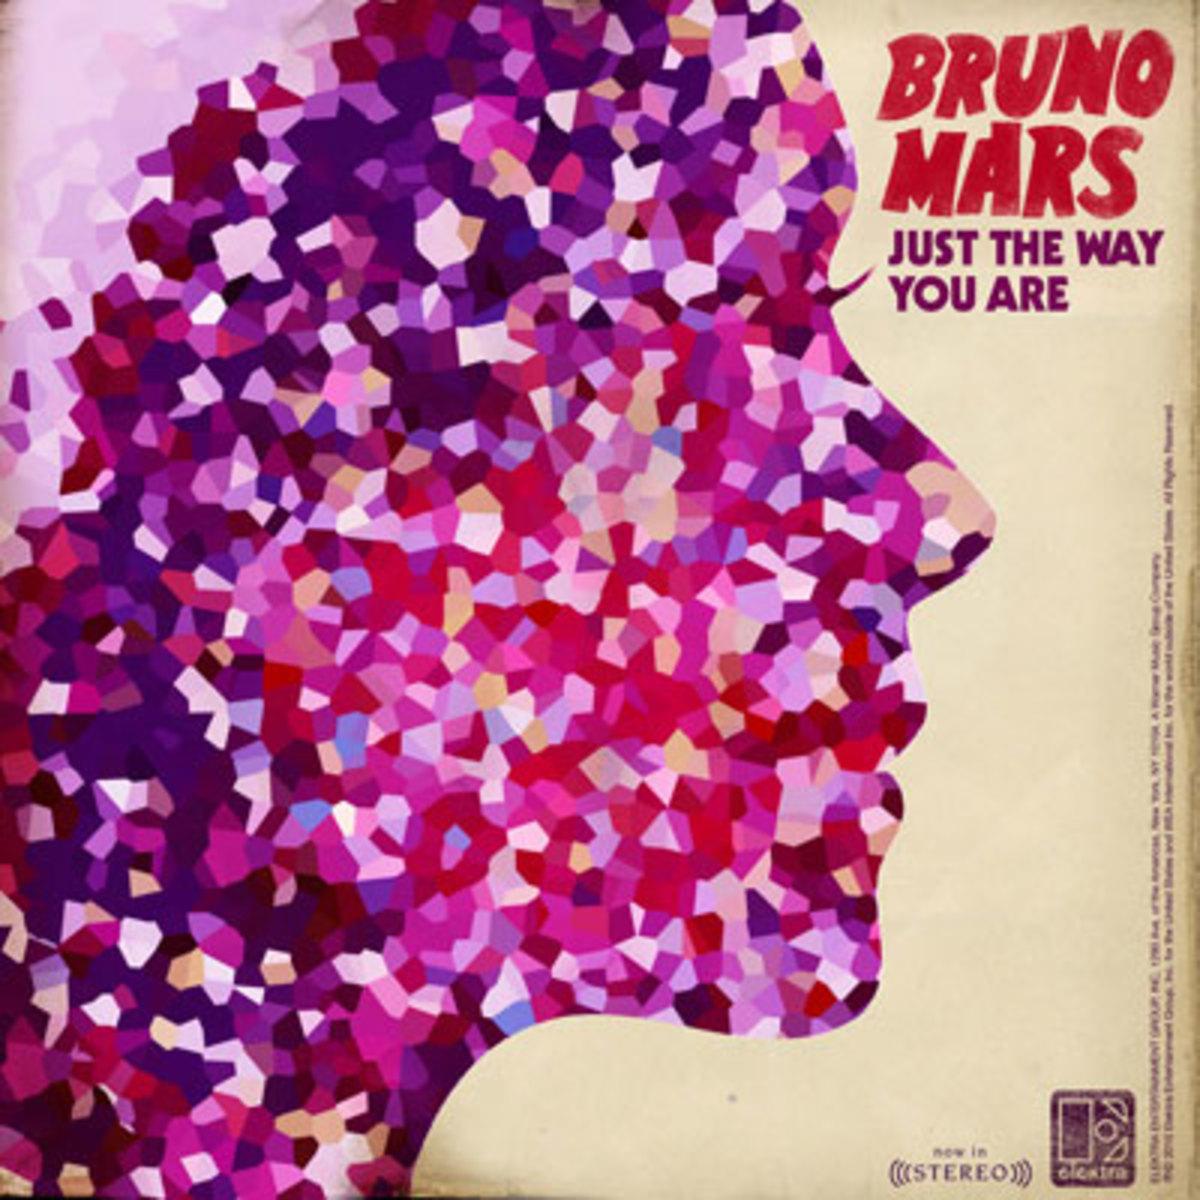 brunomars-justthewayyouare.jpg